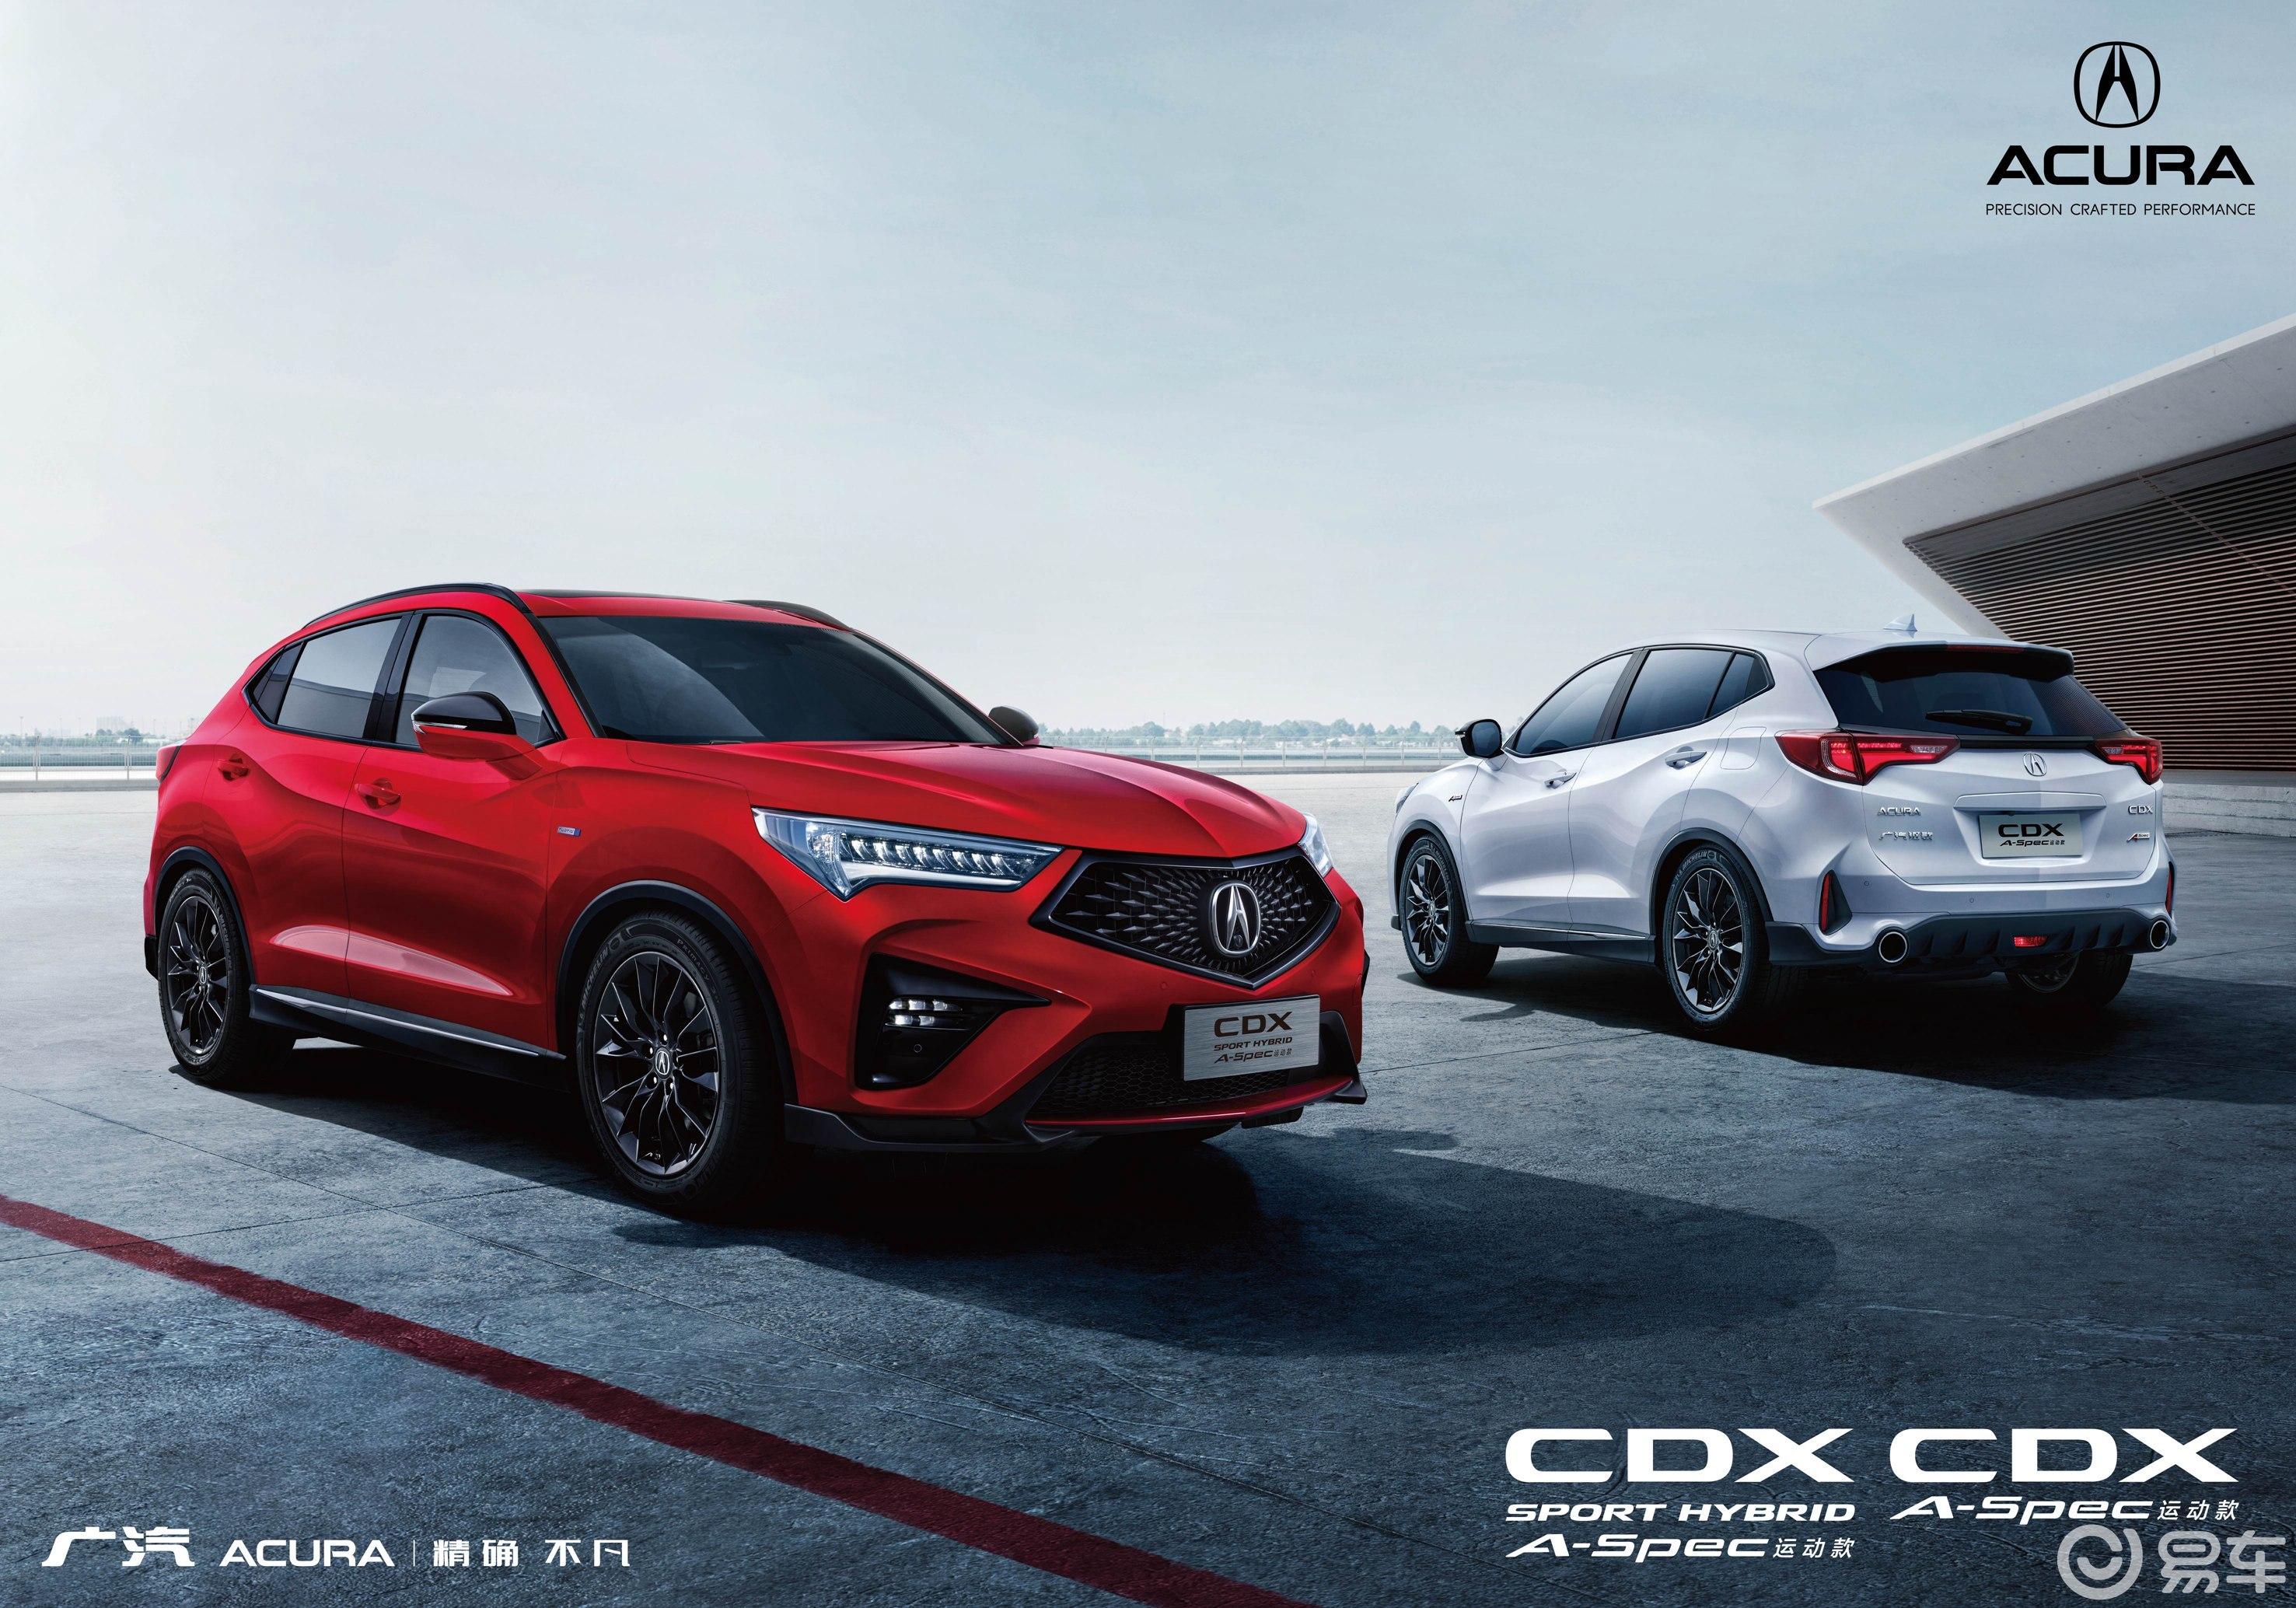 广汽Acura NEW CDX :为个性加冕